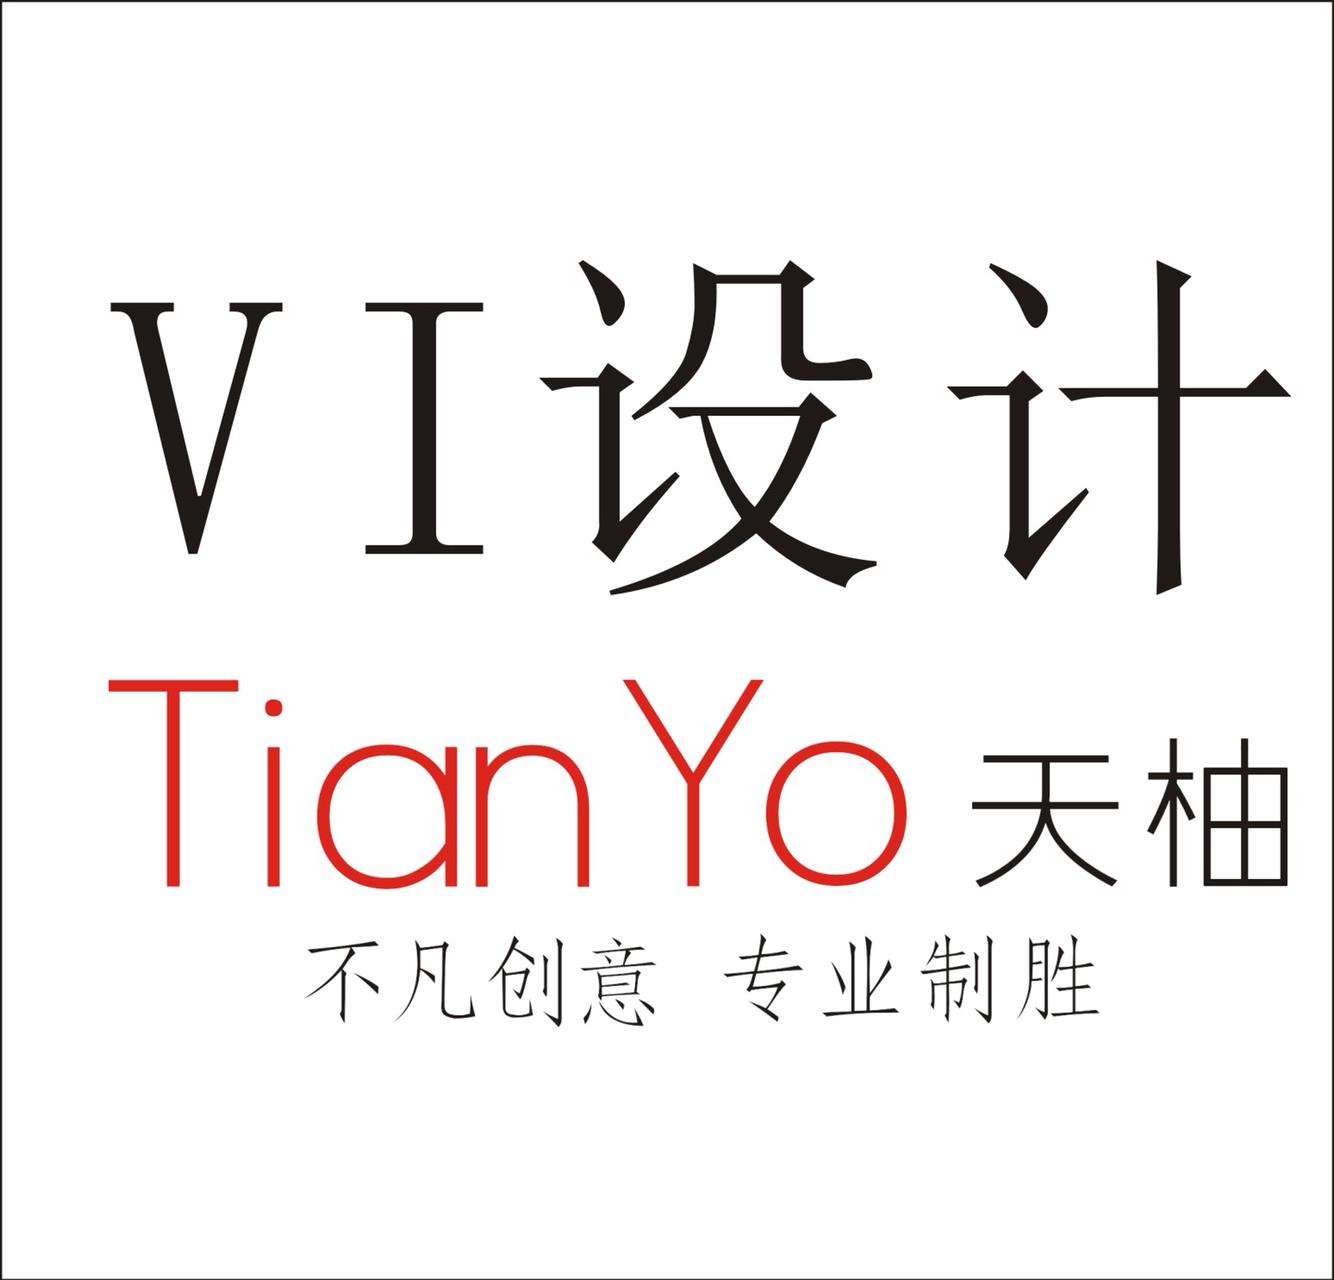 VI设计、平面设计、字体设计